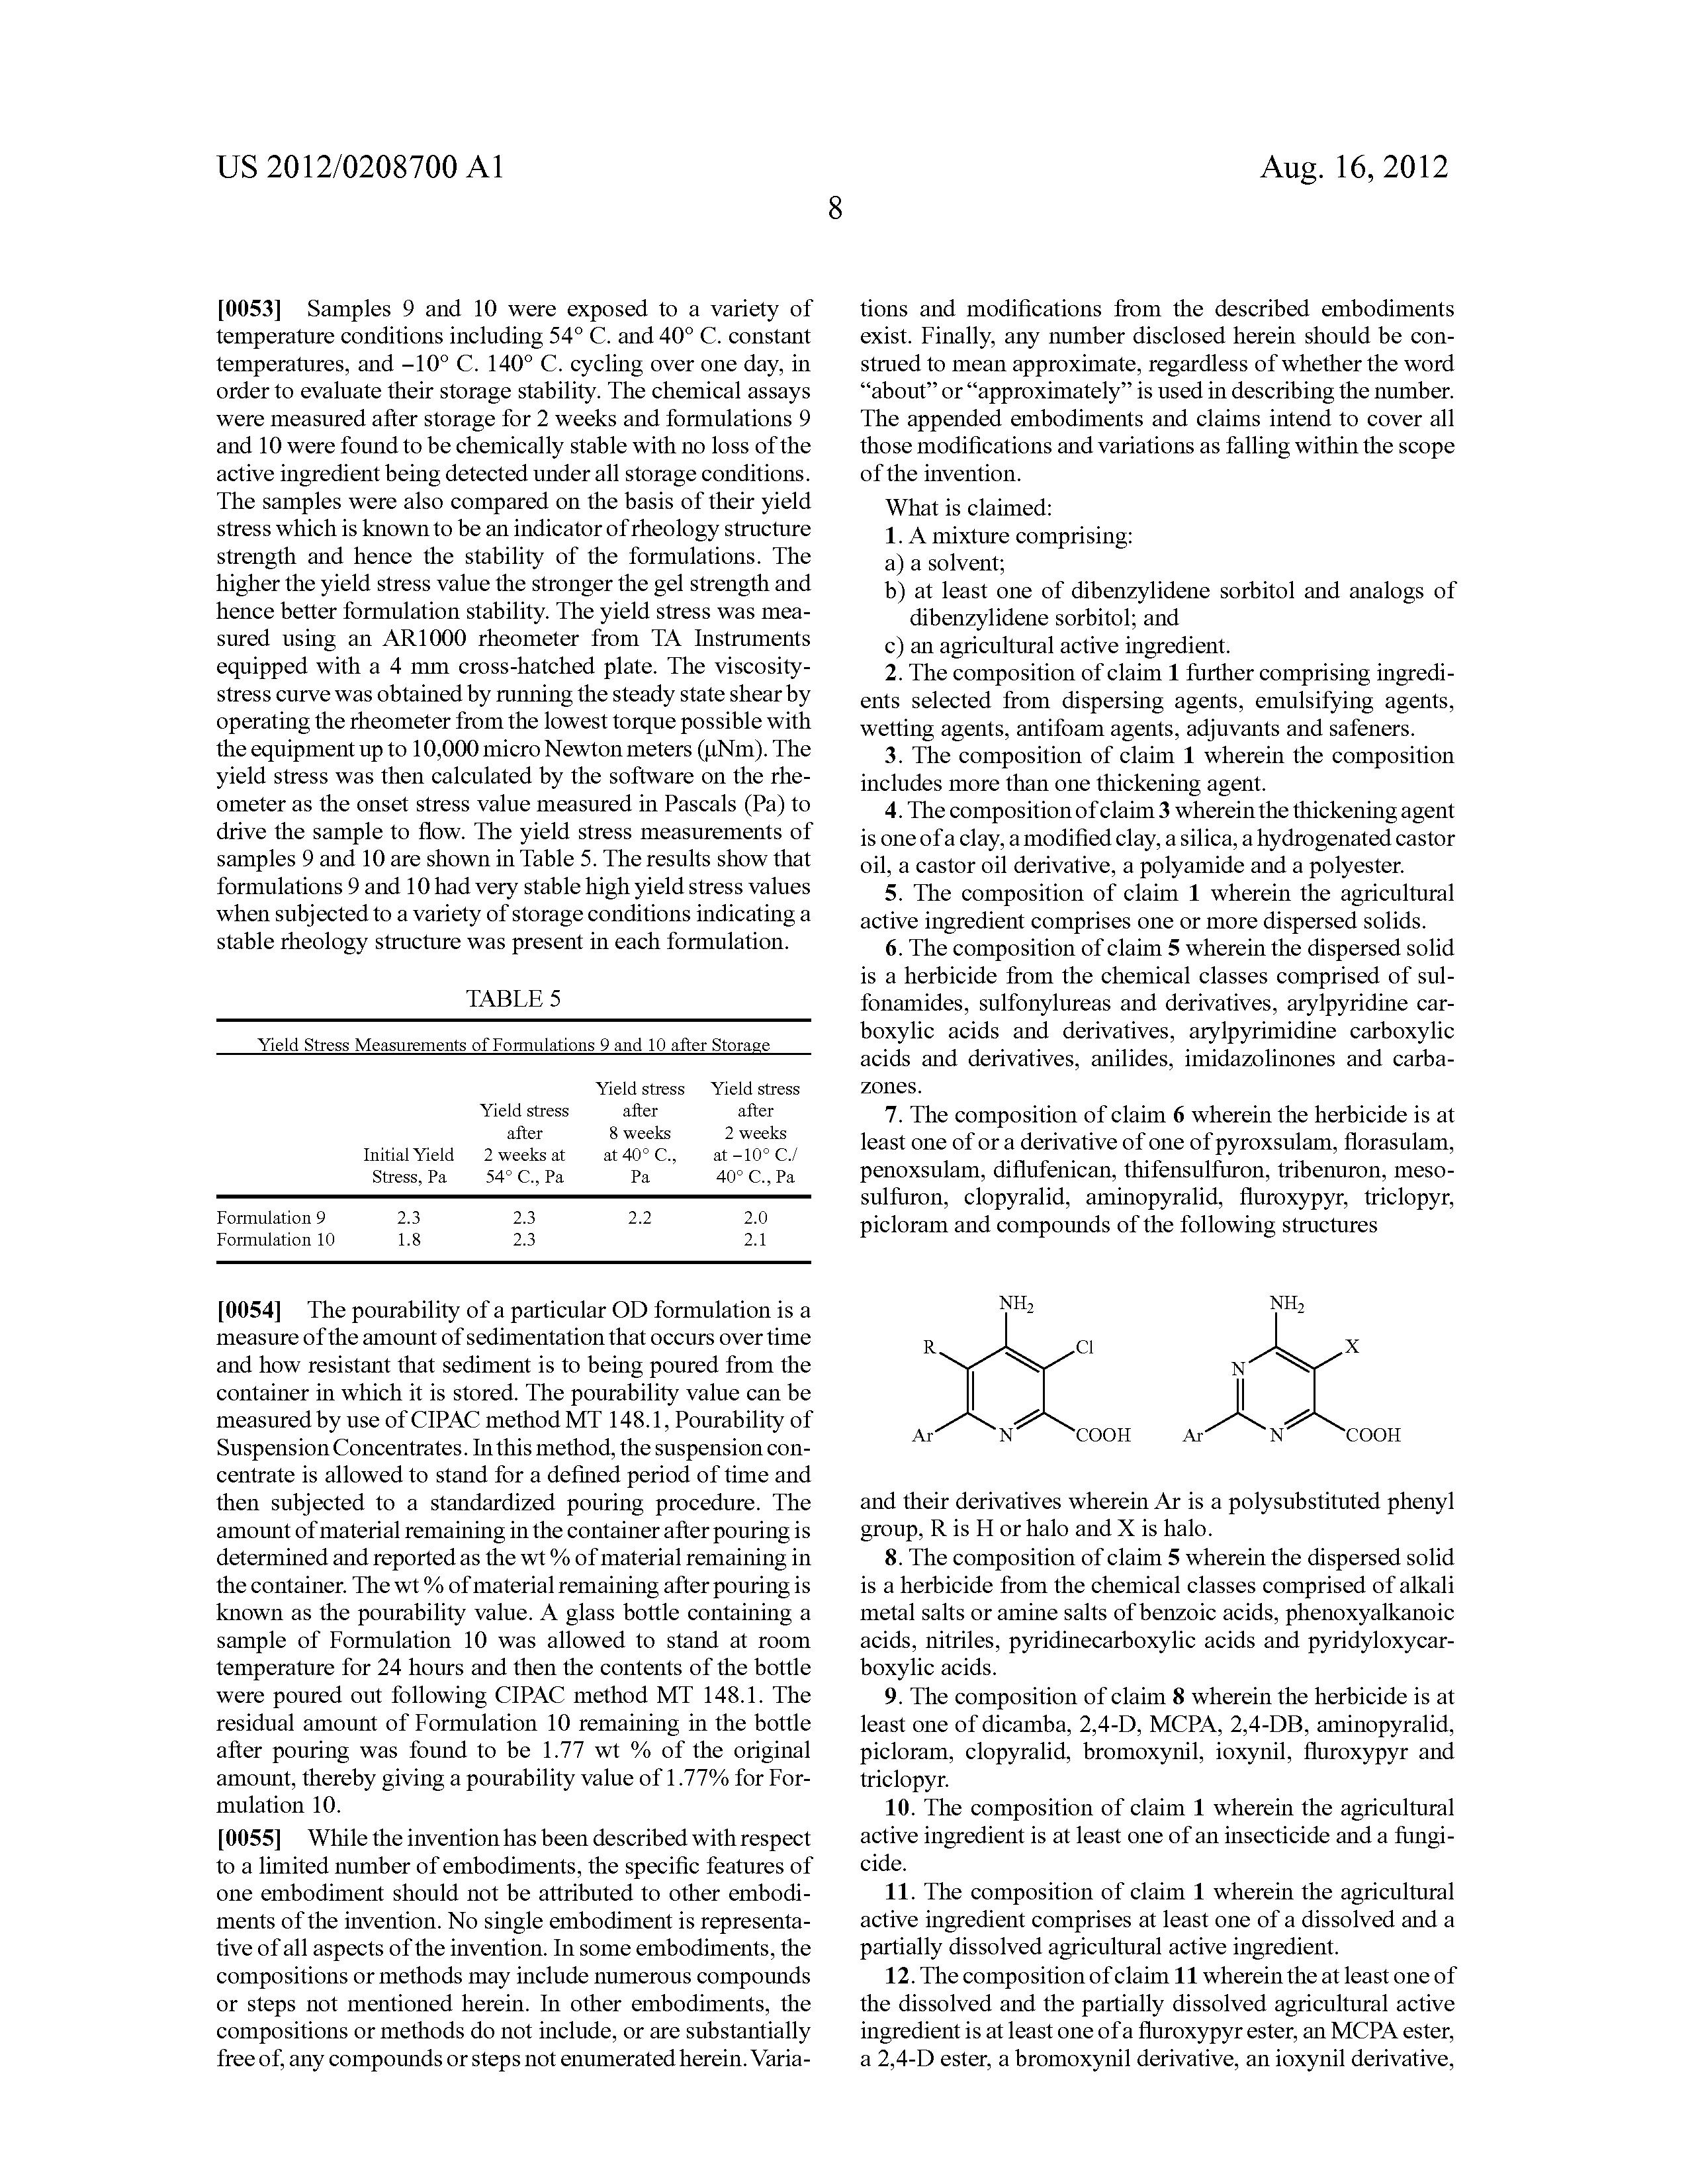 Patent US20120208700